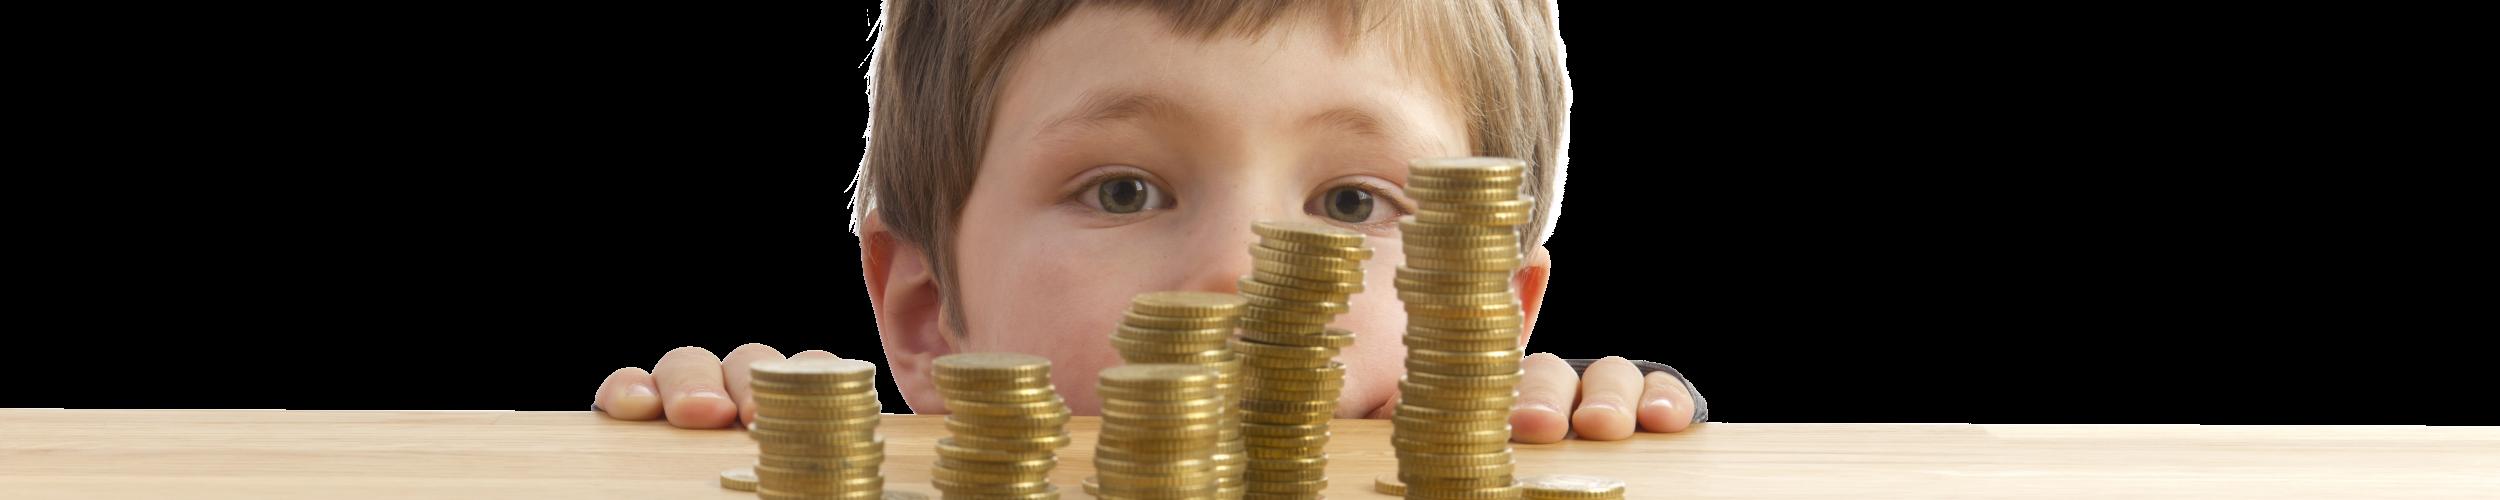 Budget in handen van je kind